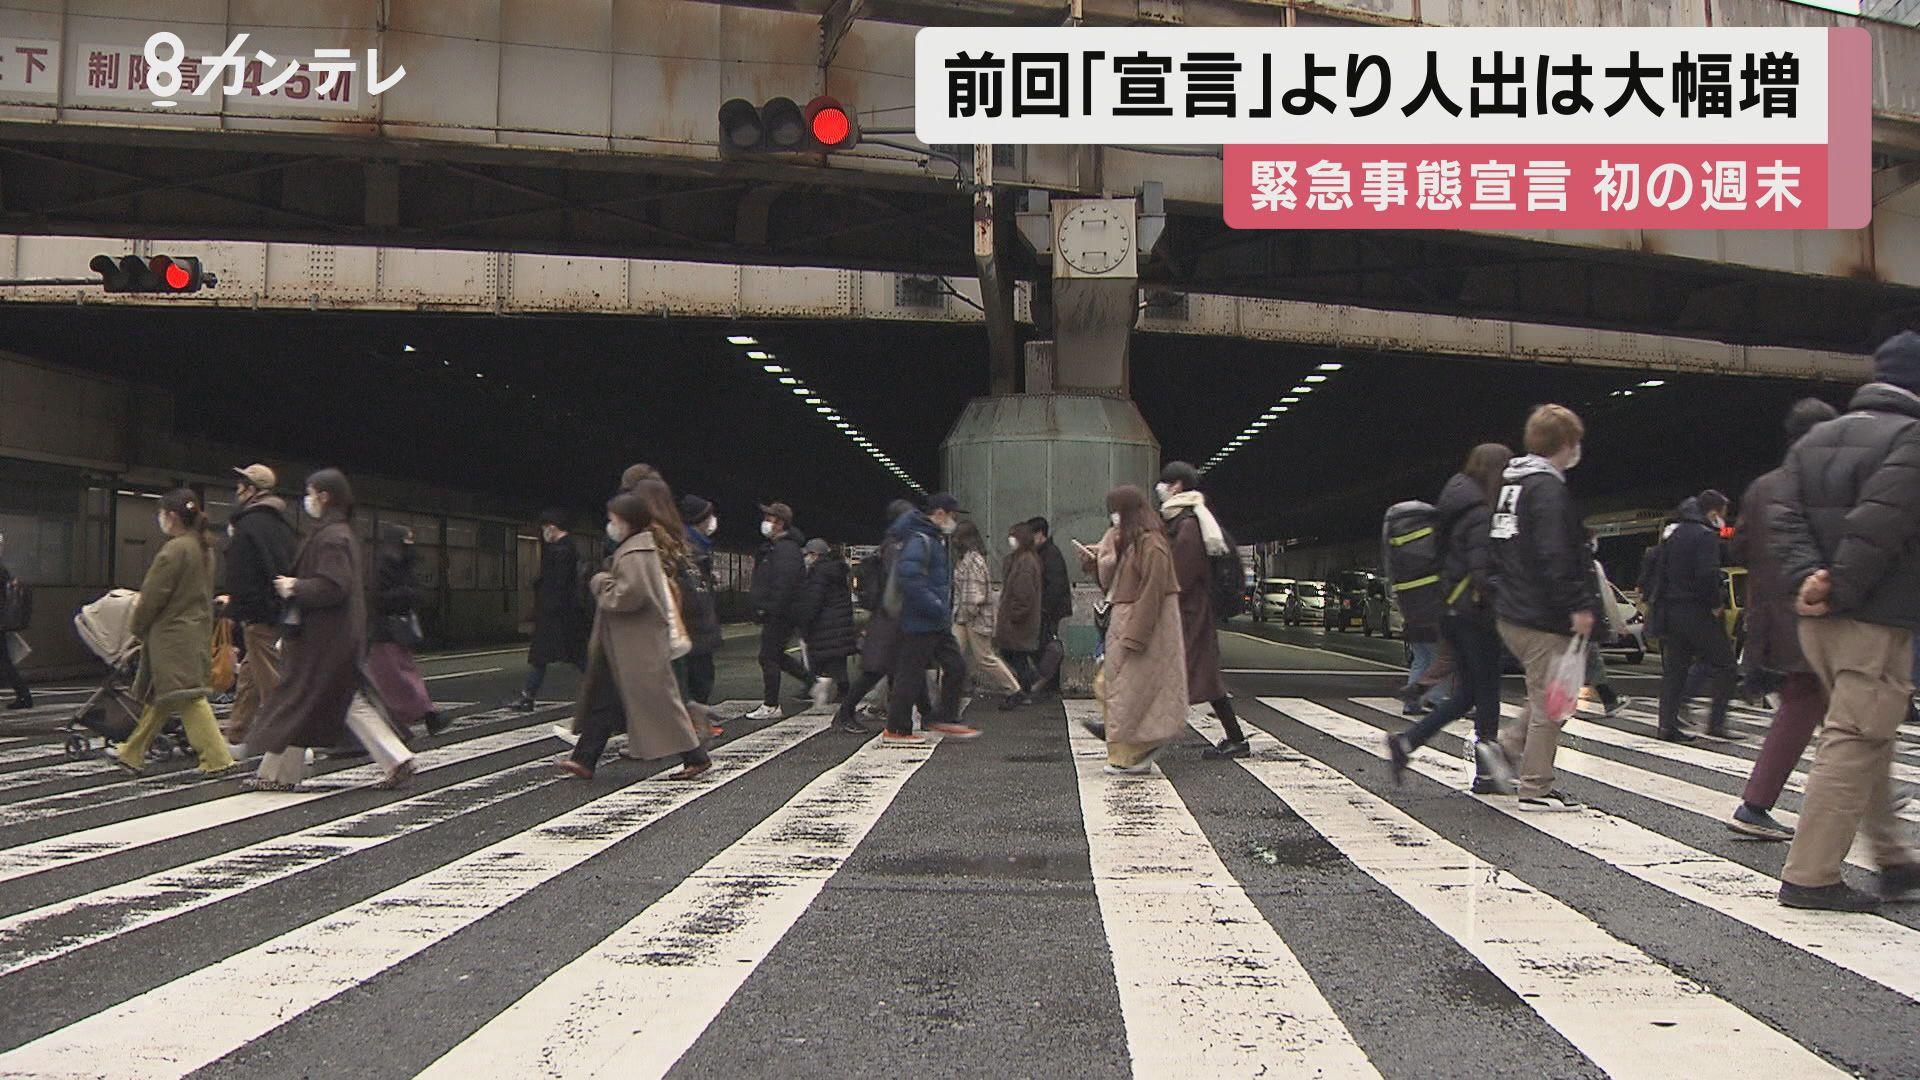 週末の人出、梅田周辺は「約3.7倍」…前回の緊急事態宣言時に比べて増加 京都市や神戸市でも2倍に